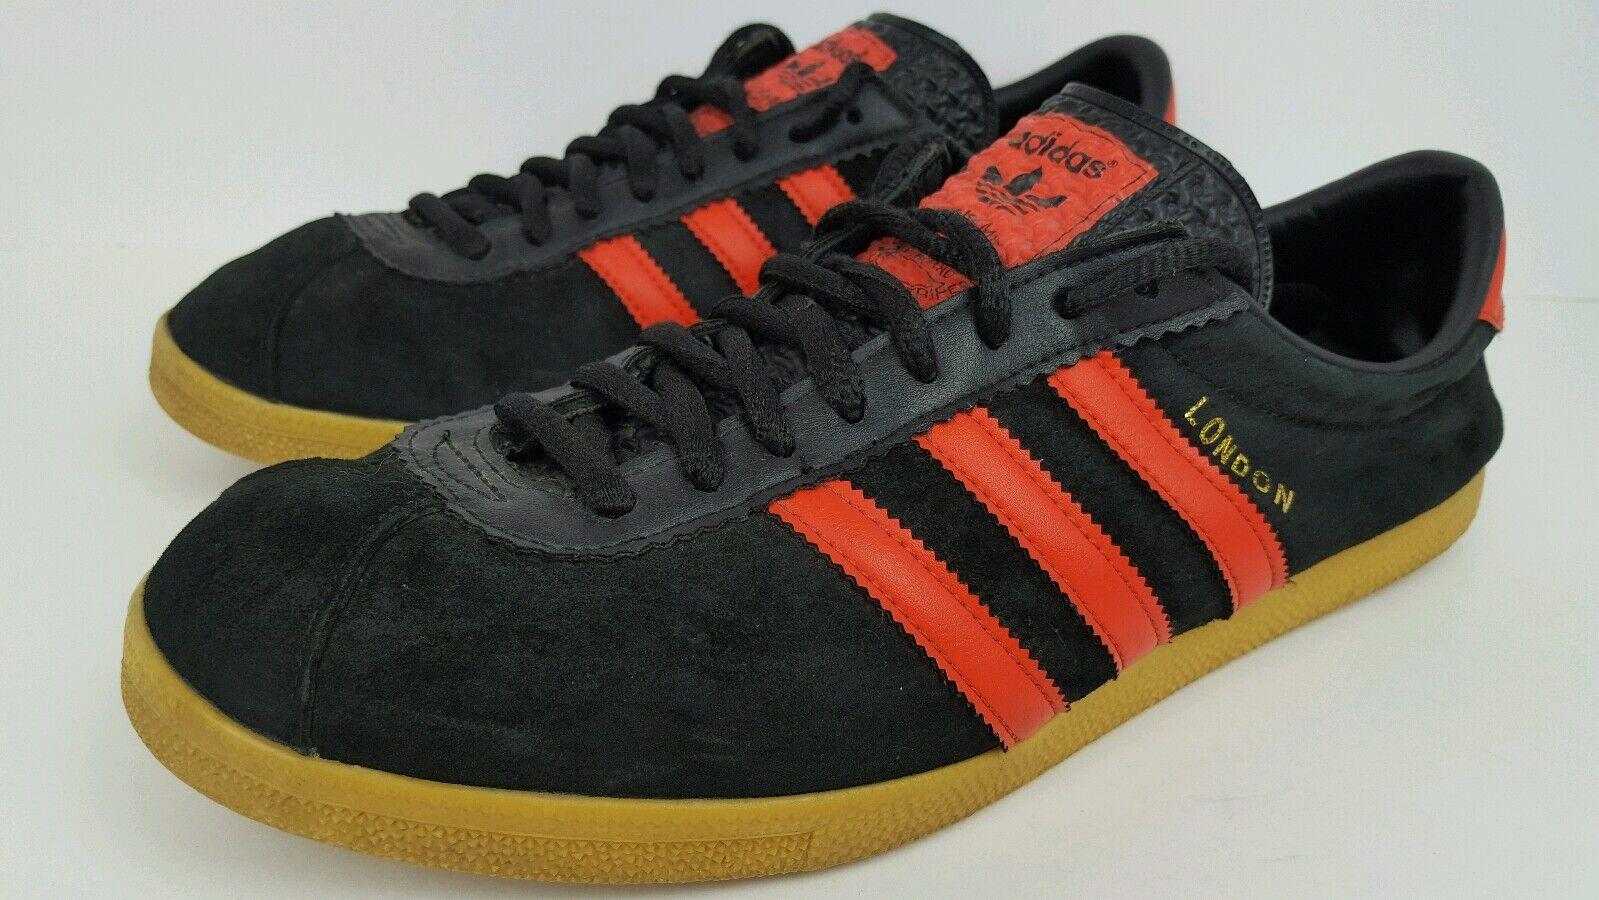 Adidas originali uomini dimensioni 11,5 londra velluto di nero arancione a strisce di velluto scarpe 2df1b7